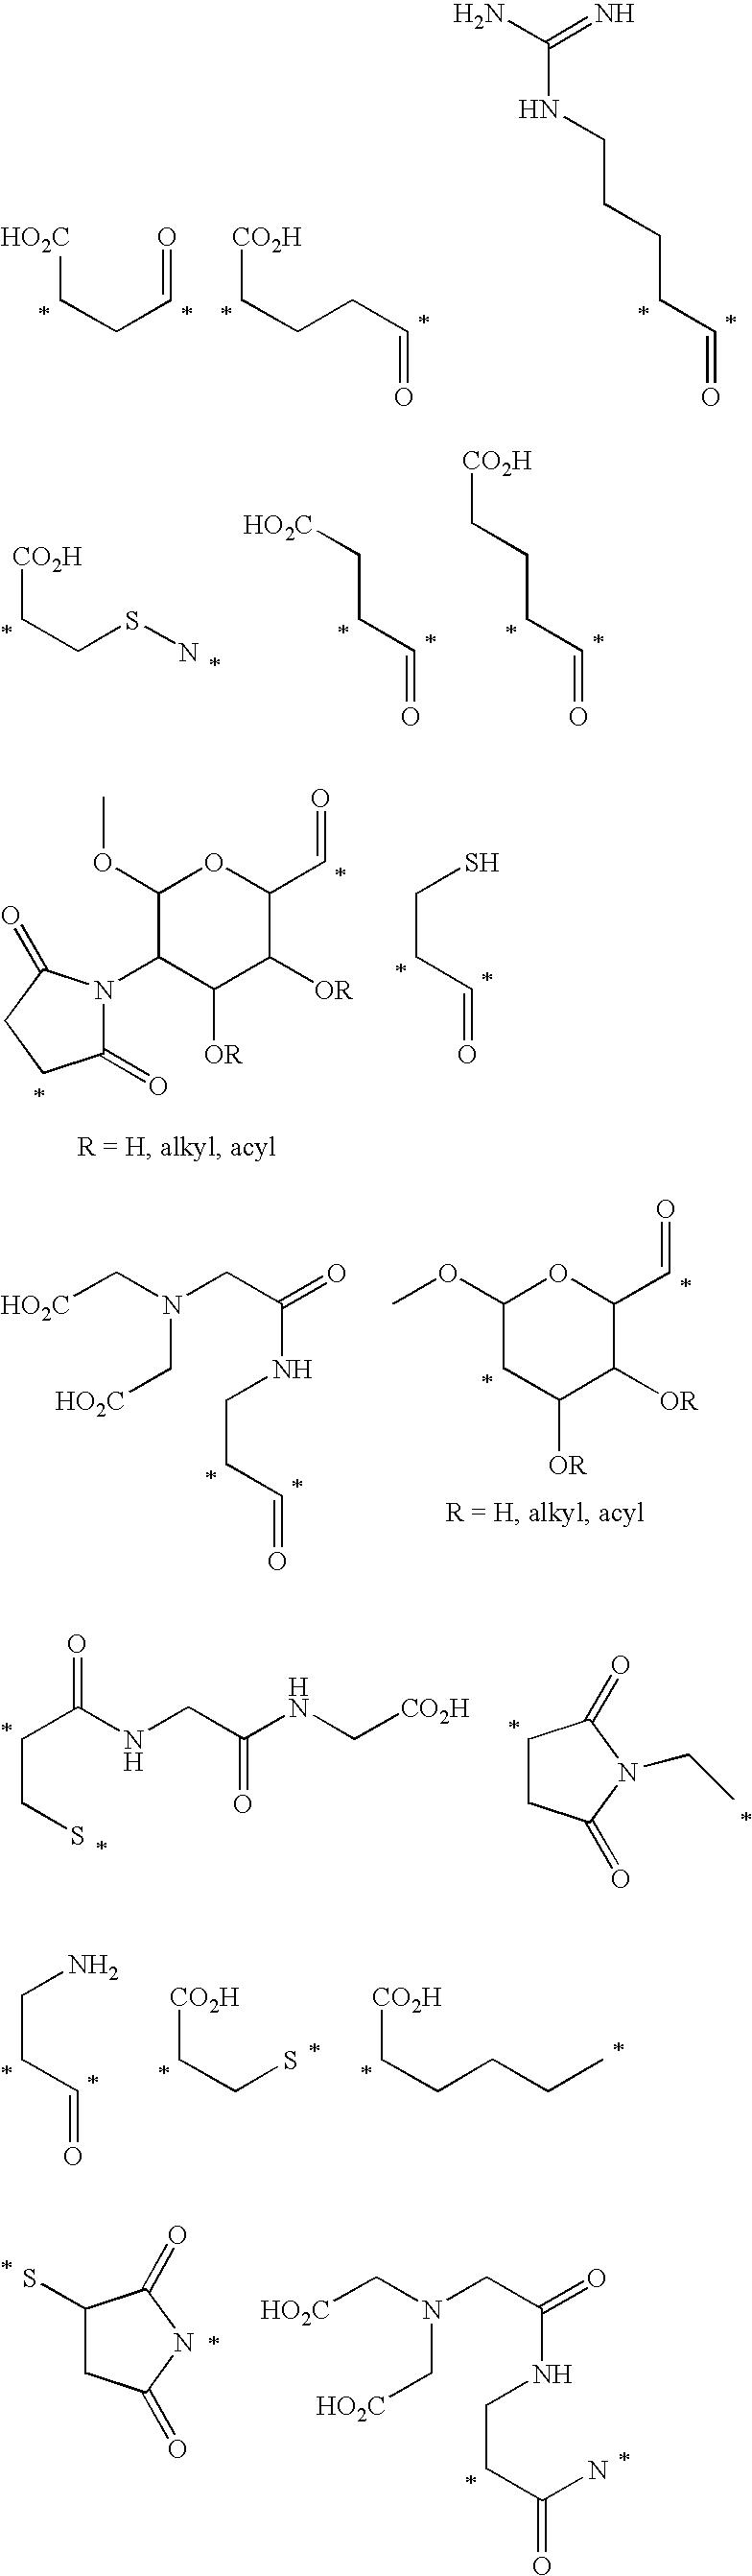 Figure US20100104626A1-20100429-C00001